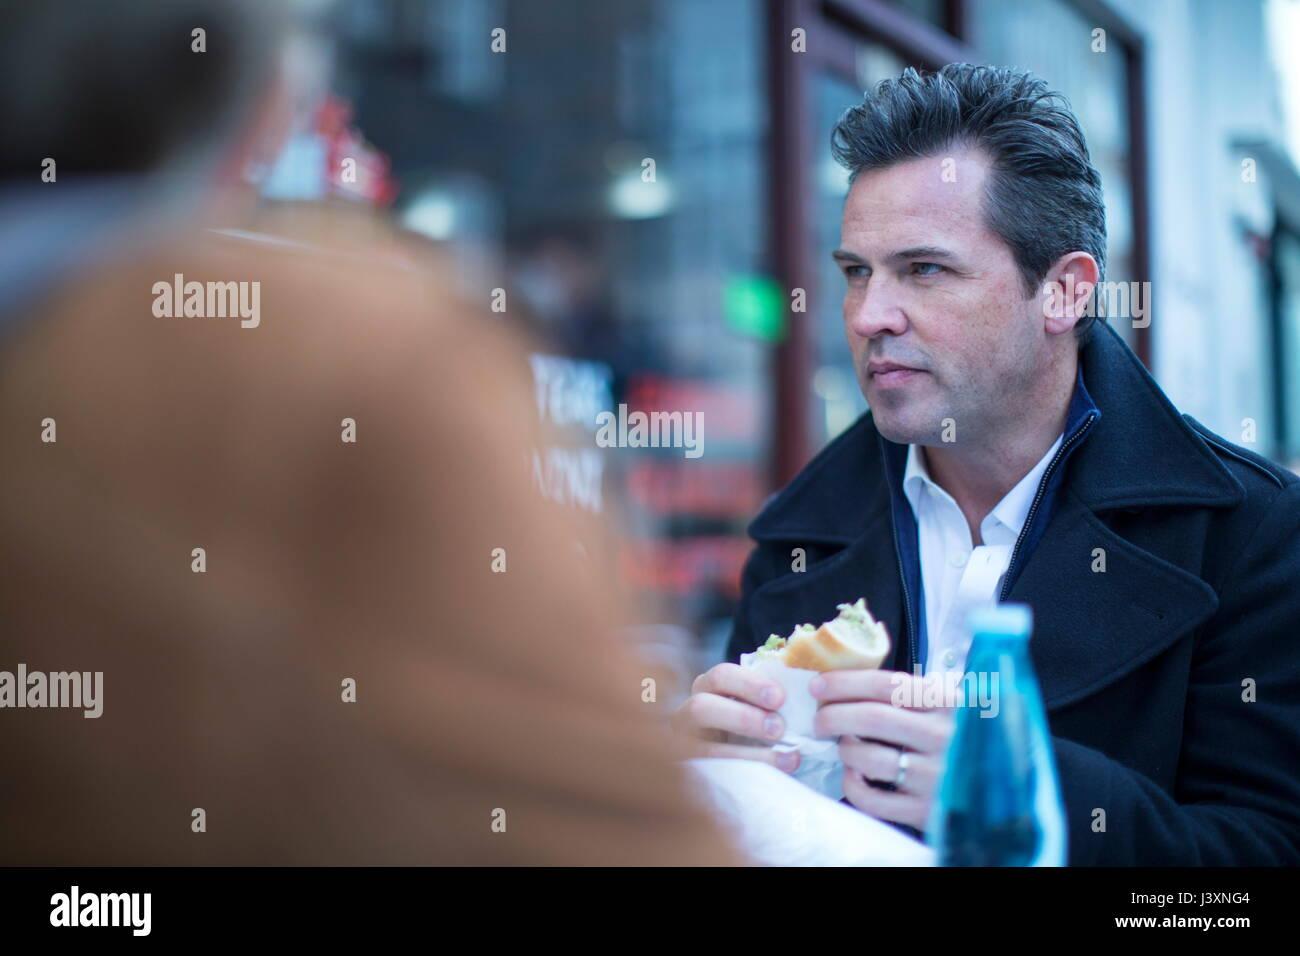 Businesspeople at cafe de la chaussée en train de déjeuner Photo Stock